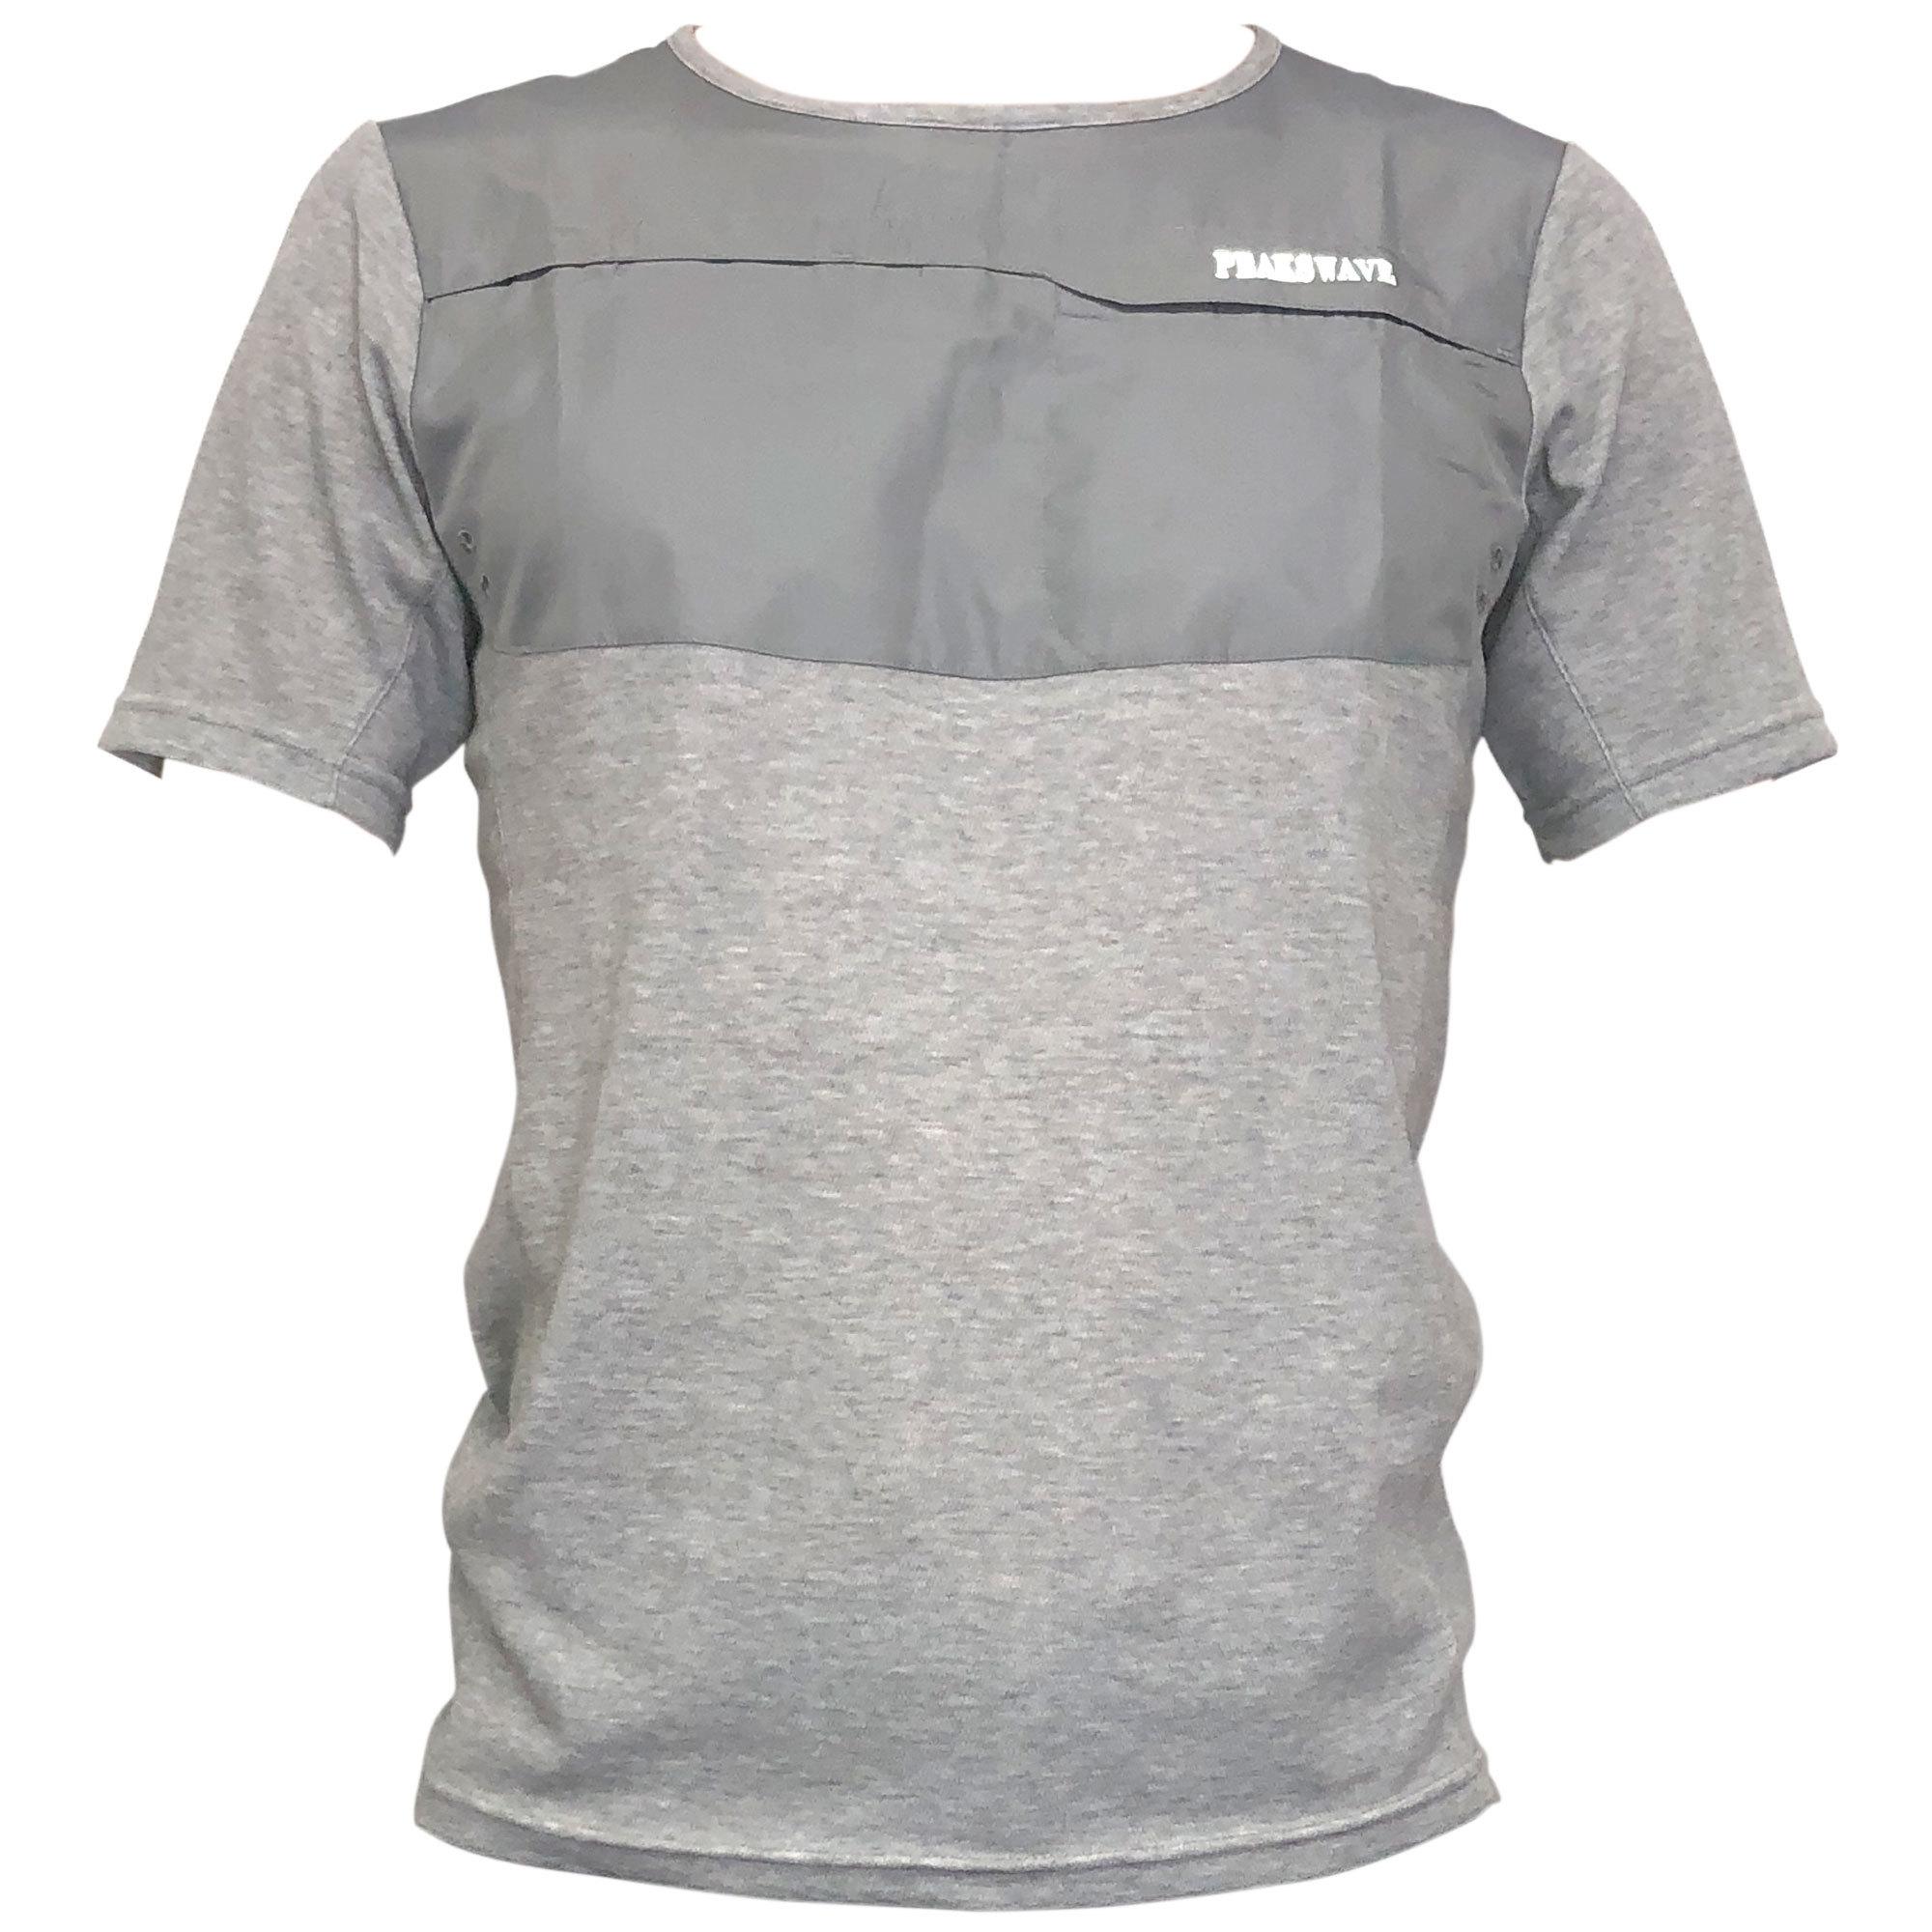 【期間限定2021年8月末まで】P818TSM20 吸水速乾 UV メンズハイブリッドTシャツ(グレー)